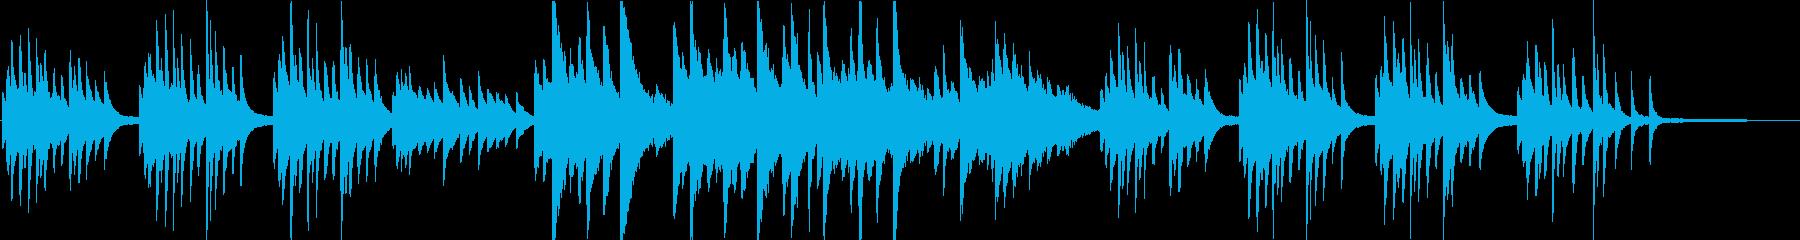 切なく優しいが迷い葛藤のピアノソロハーフの再生済みの波形